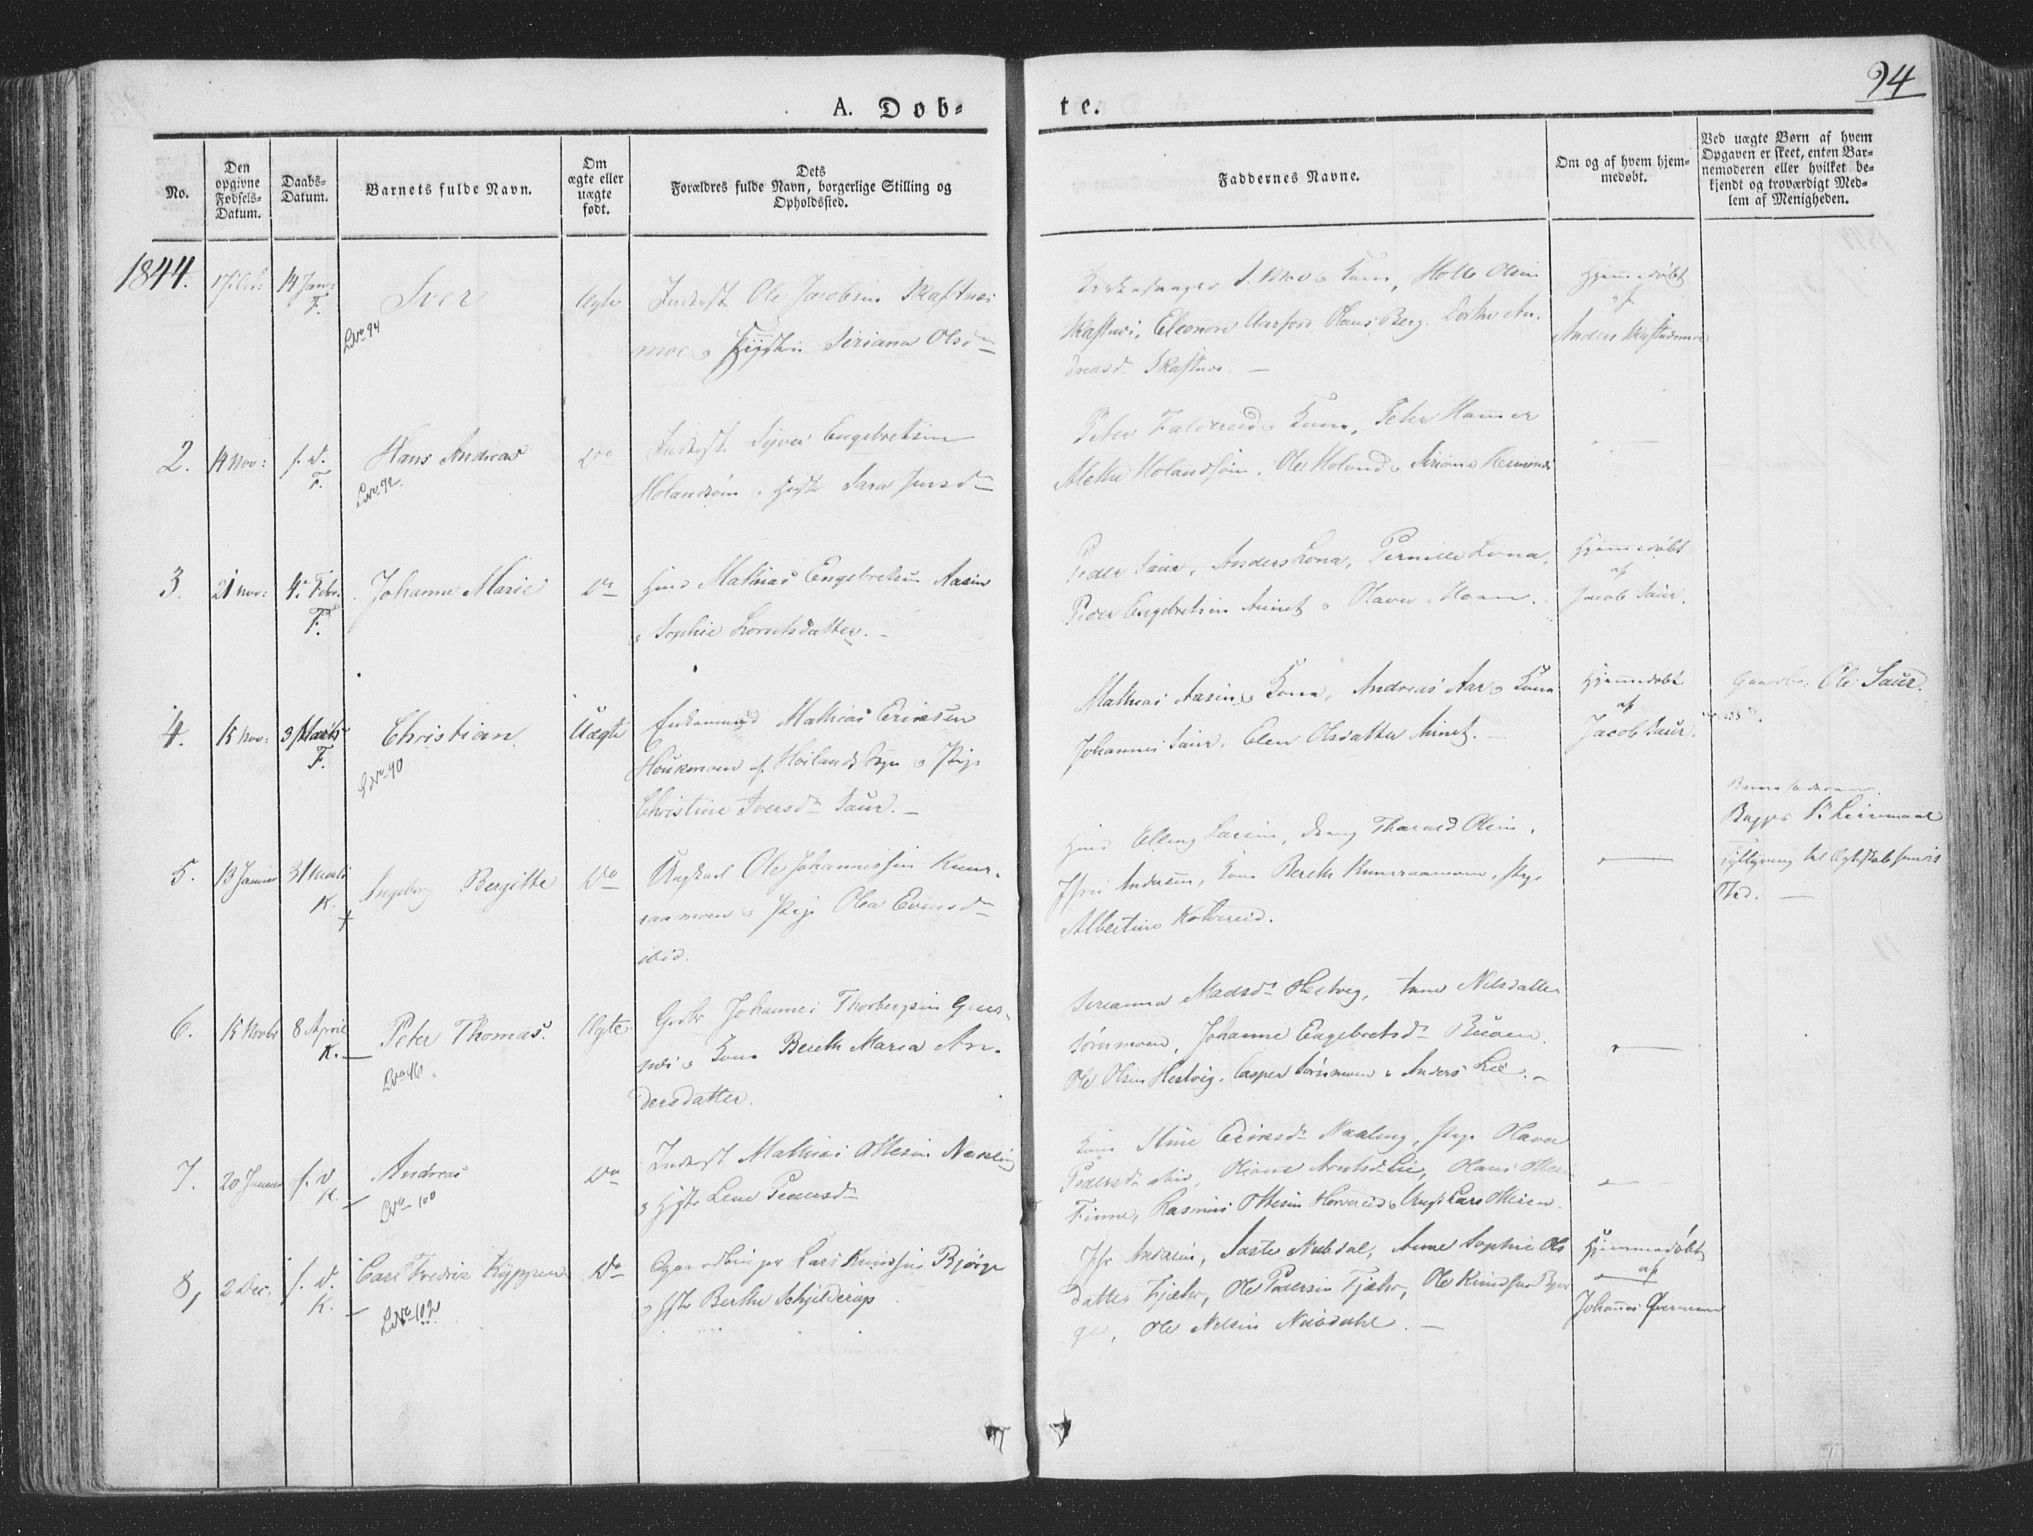 SAT, Ministerialprotokoller, klokkerbøker og fødselsregistre - Nord-Trøndelag, 780/L0639: Ministerialbok nr. 780A04, 1830-1844, s. 94